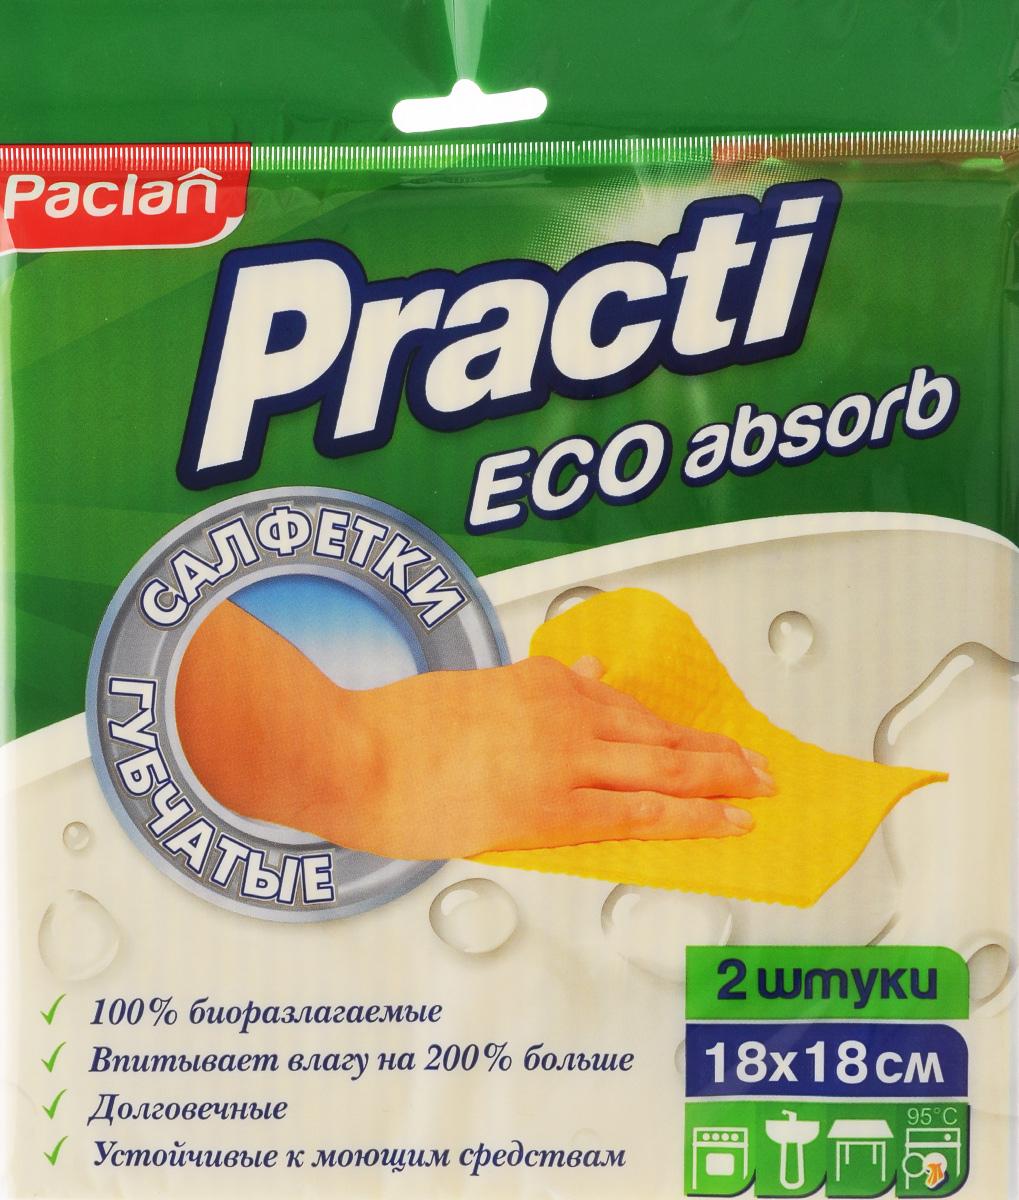 Набор салфеток для уборки Paclan Practi, губчатые, 18 х 18 см, 2 шт410164/135470/513400/163283Салфетки Paclan Practi, выполненные из хлопка и регенерированной целлюлозы, применяются для влажной уборки кухонных поверхностей, сантехники, плит, мебели. Прекрасно впитывают влагу. Благодаря плотной и упругой структуре губчатые салфетки быстро и эффективно удаляют грязь и жир. После обработки поверхностей не требуется ополаскивание. Салфетки очень удобны в применении, не оставляют разводов и следов. Размер салфетки: 18 Х 18 см.